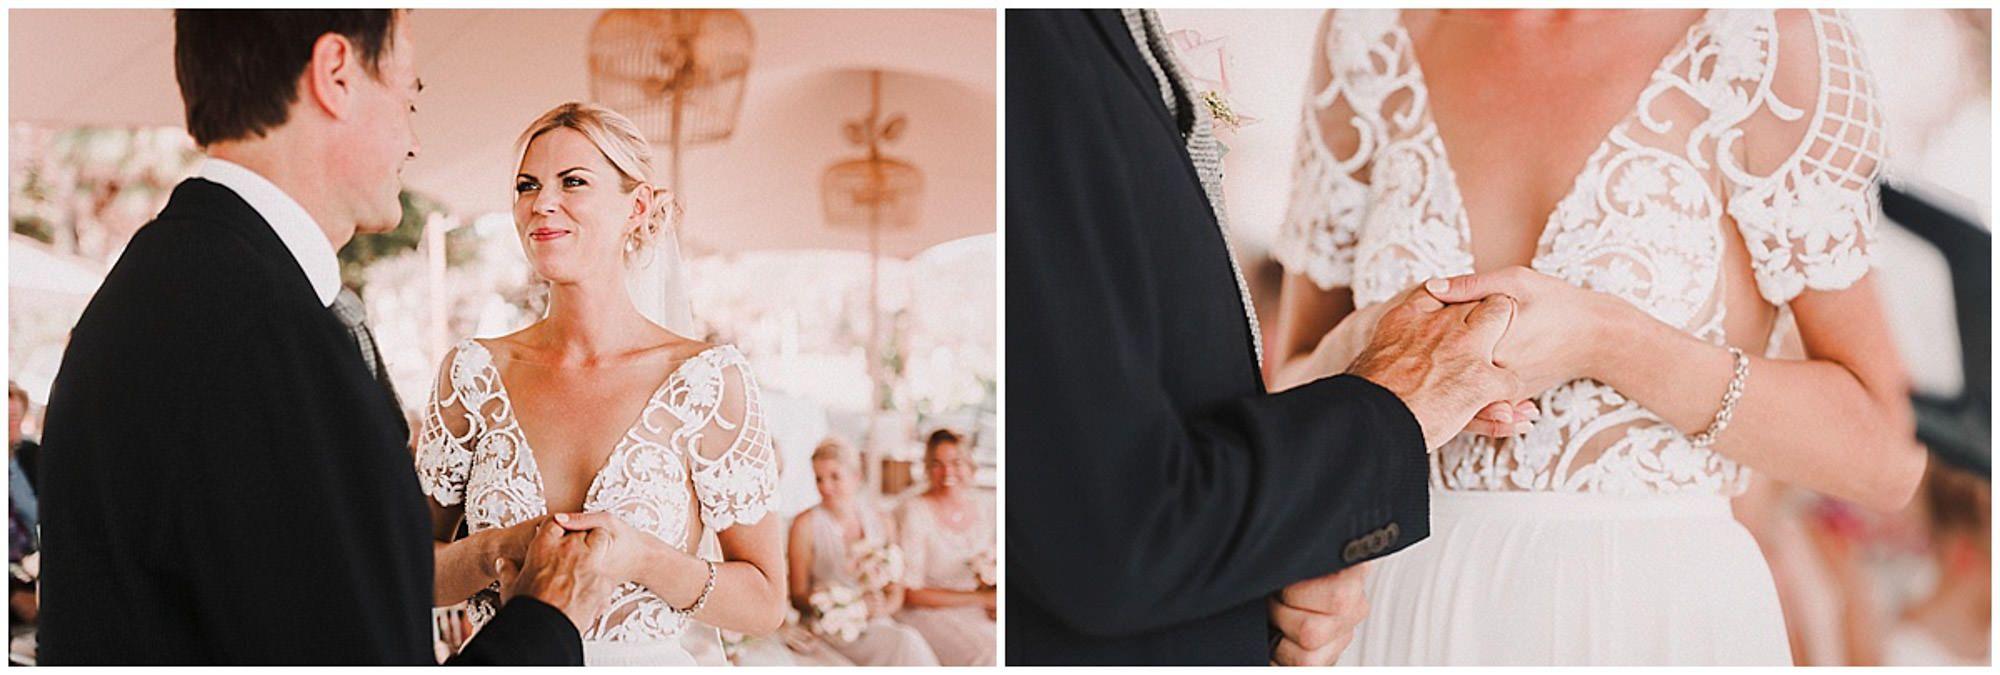 boda en puente romano marbella